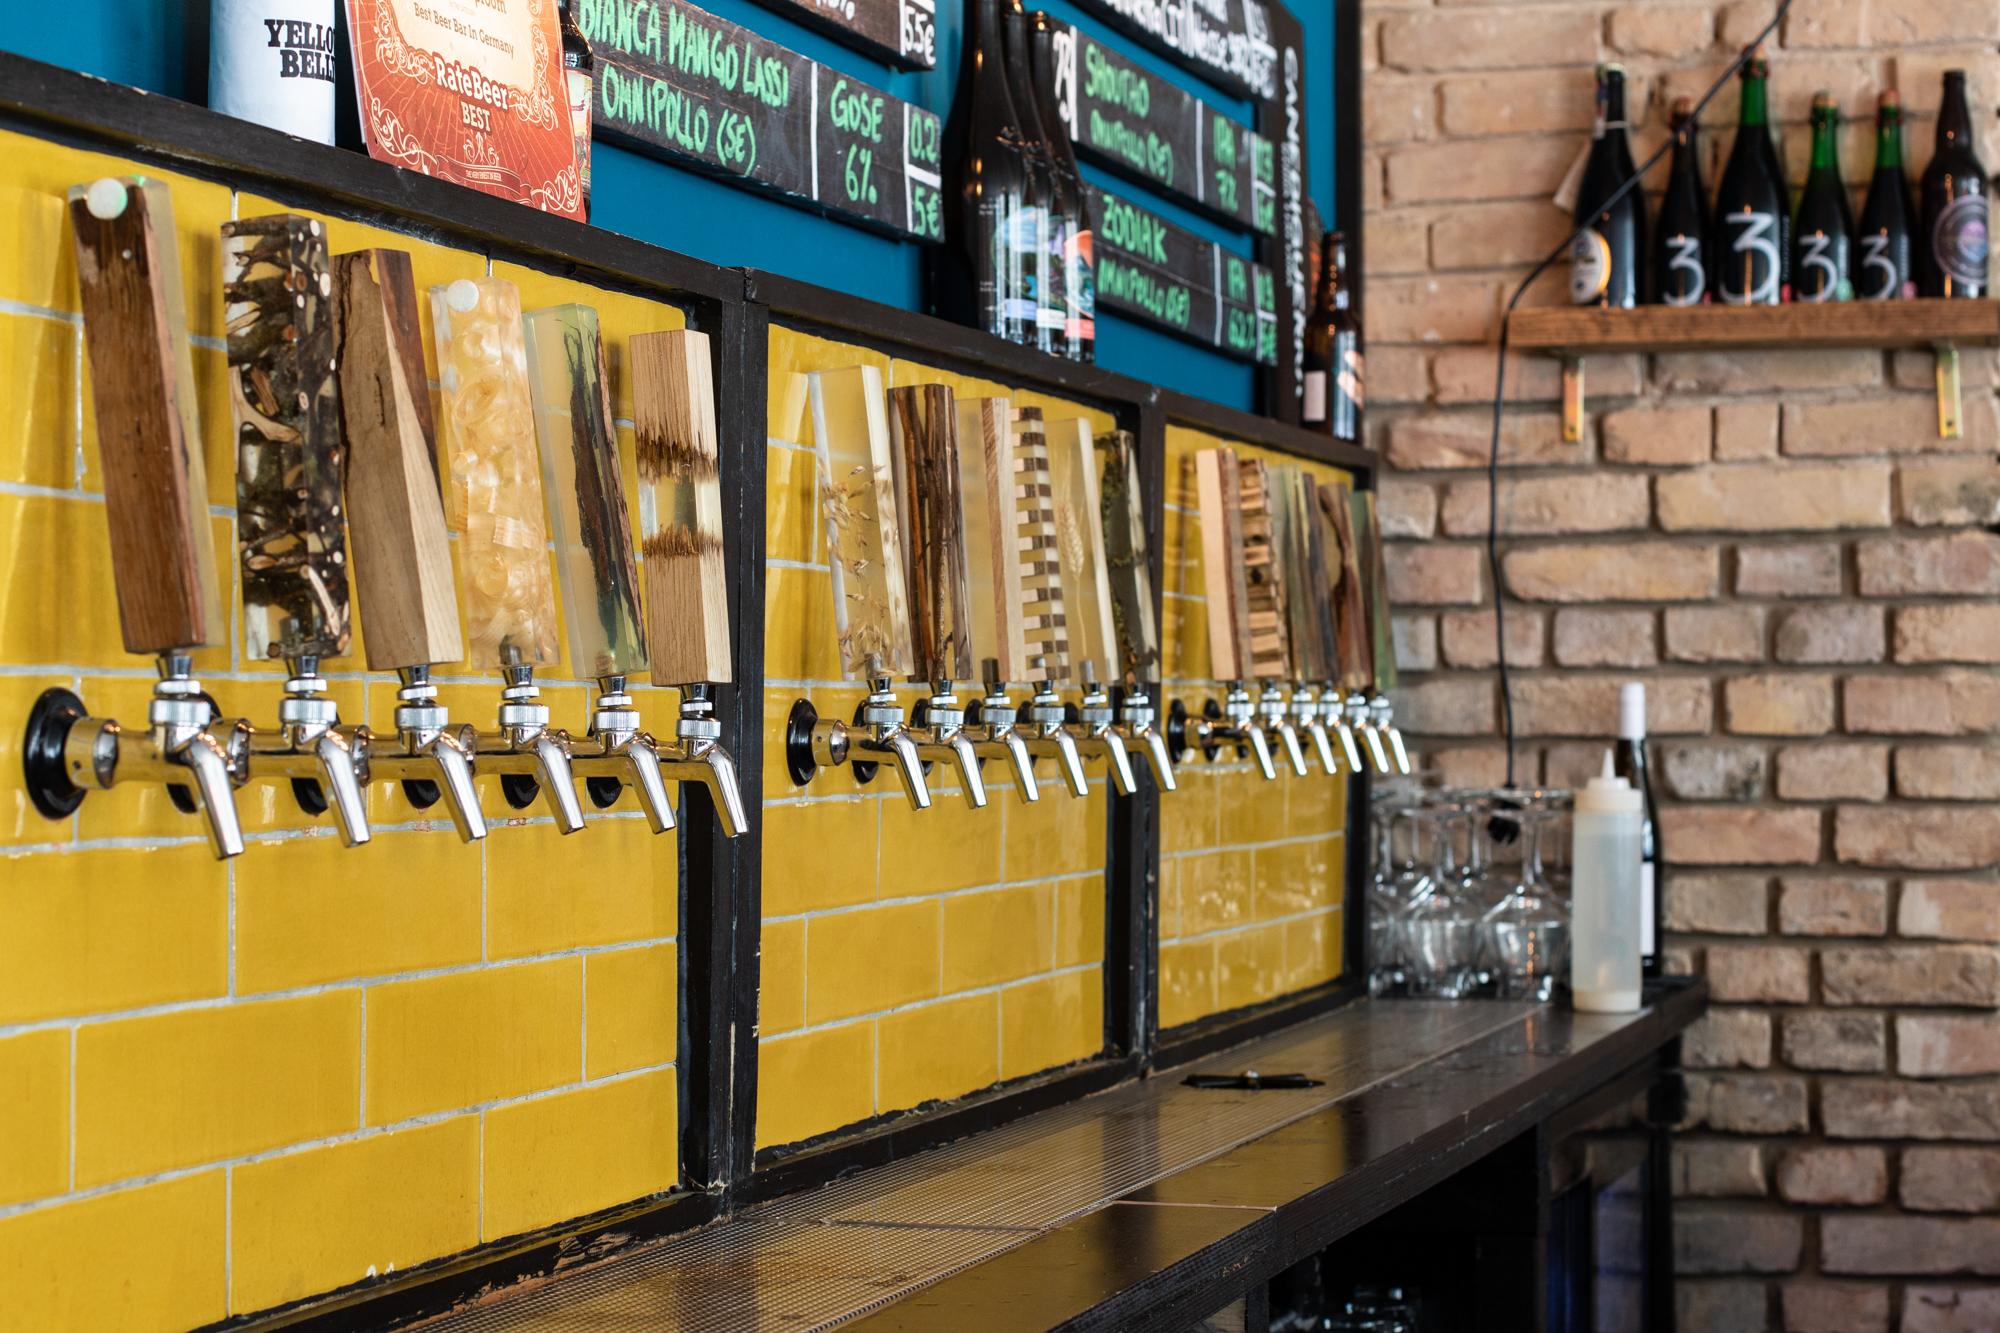 Die Zapfhähne und die charakteristischen gelben Fliesen im Protokoll Taproom Berlin, eine Craft Beer Bar mit 24 Zapfhähne in Berlin Friedrichshain